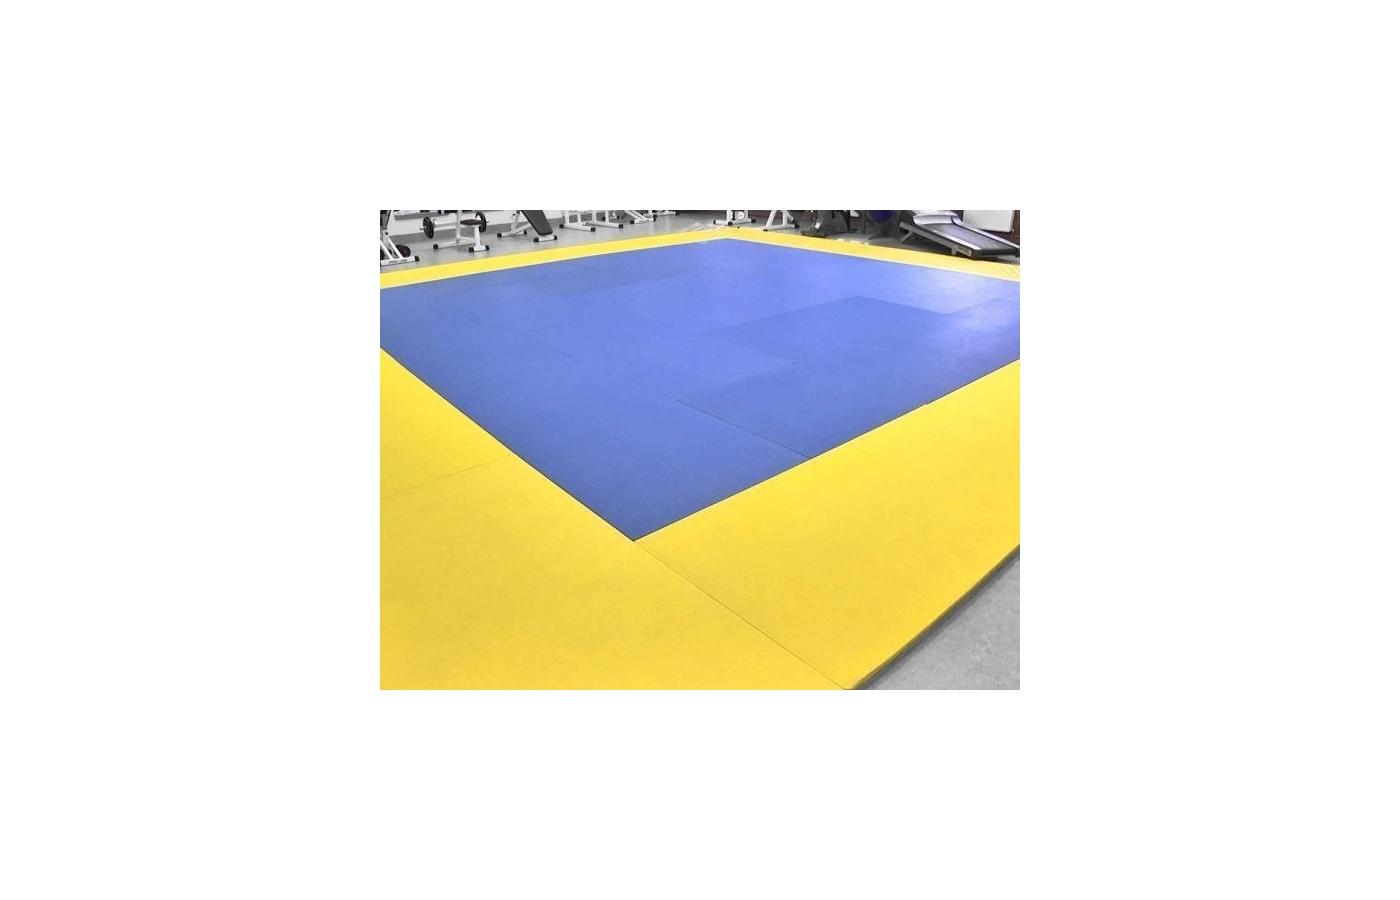 Арендовать ТАТАМИ 12x12м ( 144м.²) 1000х2000 мм. 72 листа: 40 синих, 32 желтых